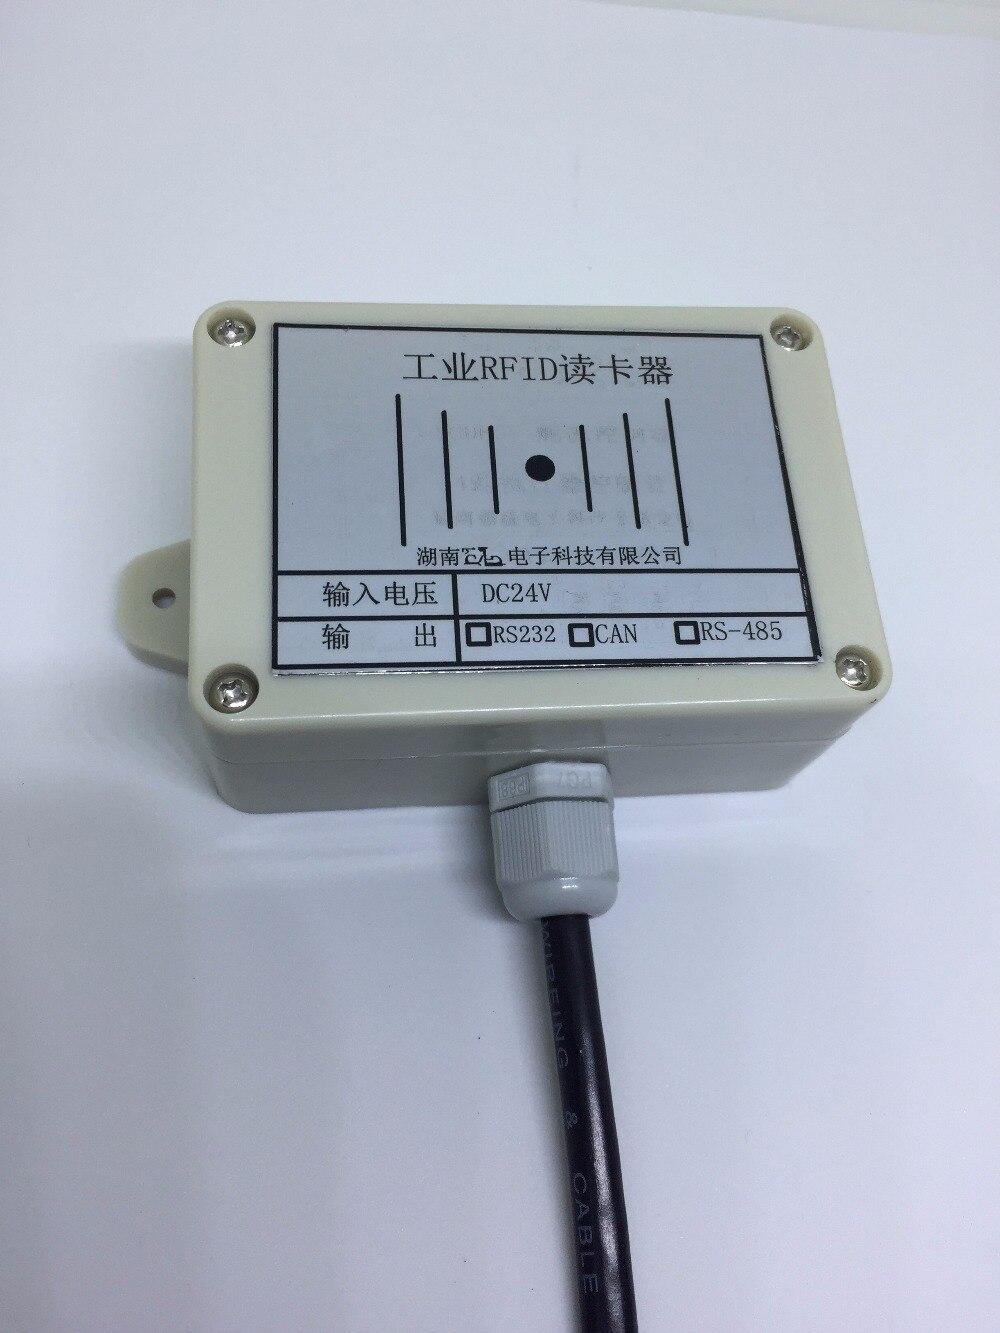 RFID radio fréquence carte AGV voiture repère site capteur RS232/485 distance la plus éloignée 10 CM 13.56 MHZ RFID étiquette dispositif de lecture capteur